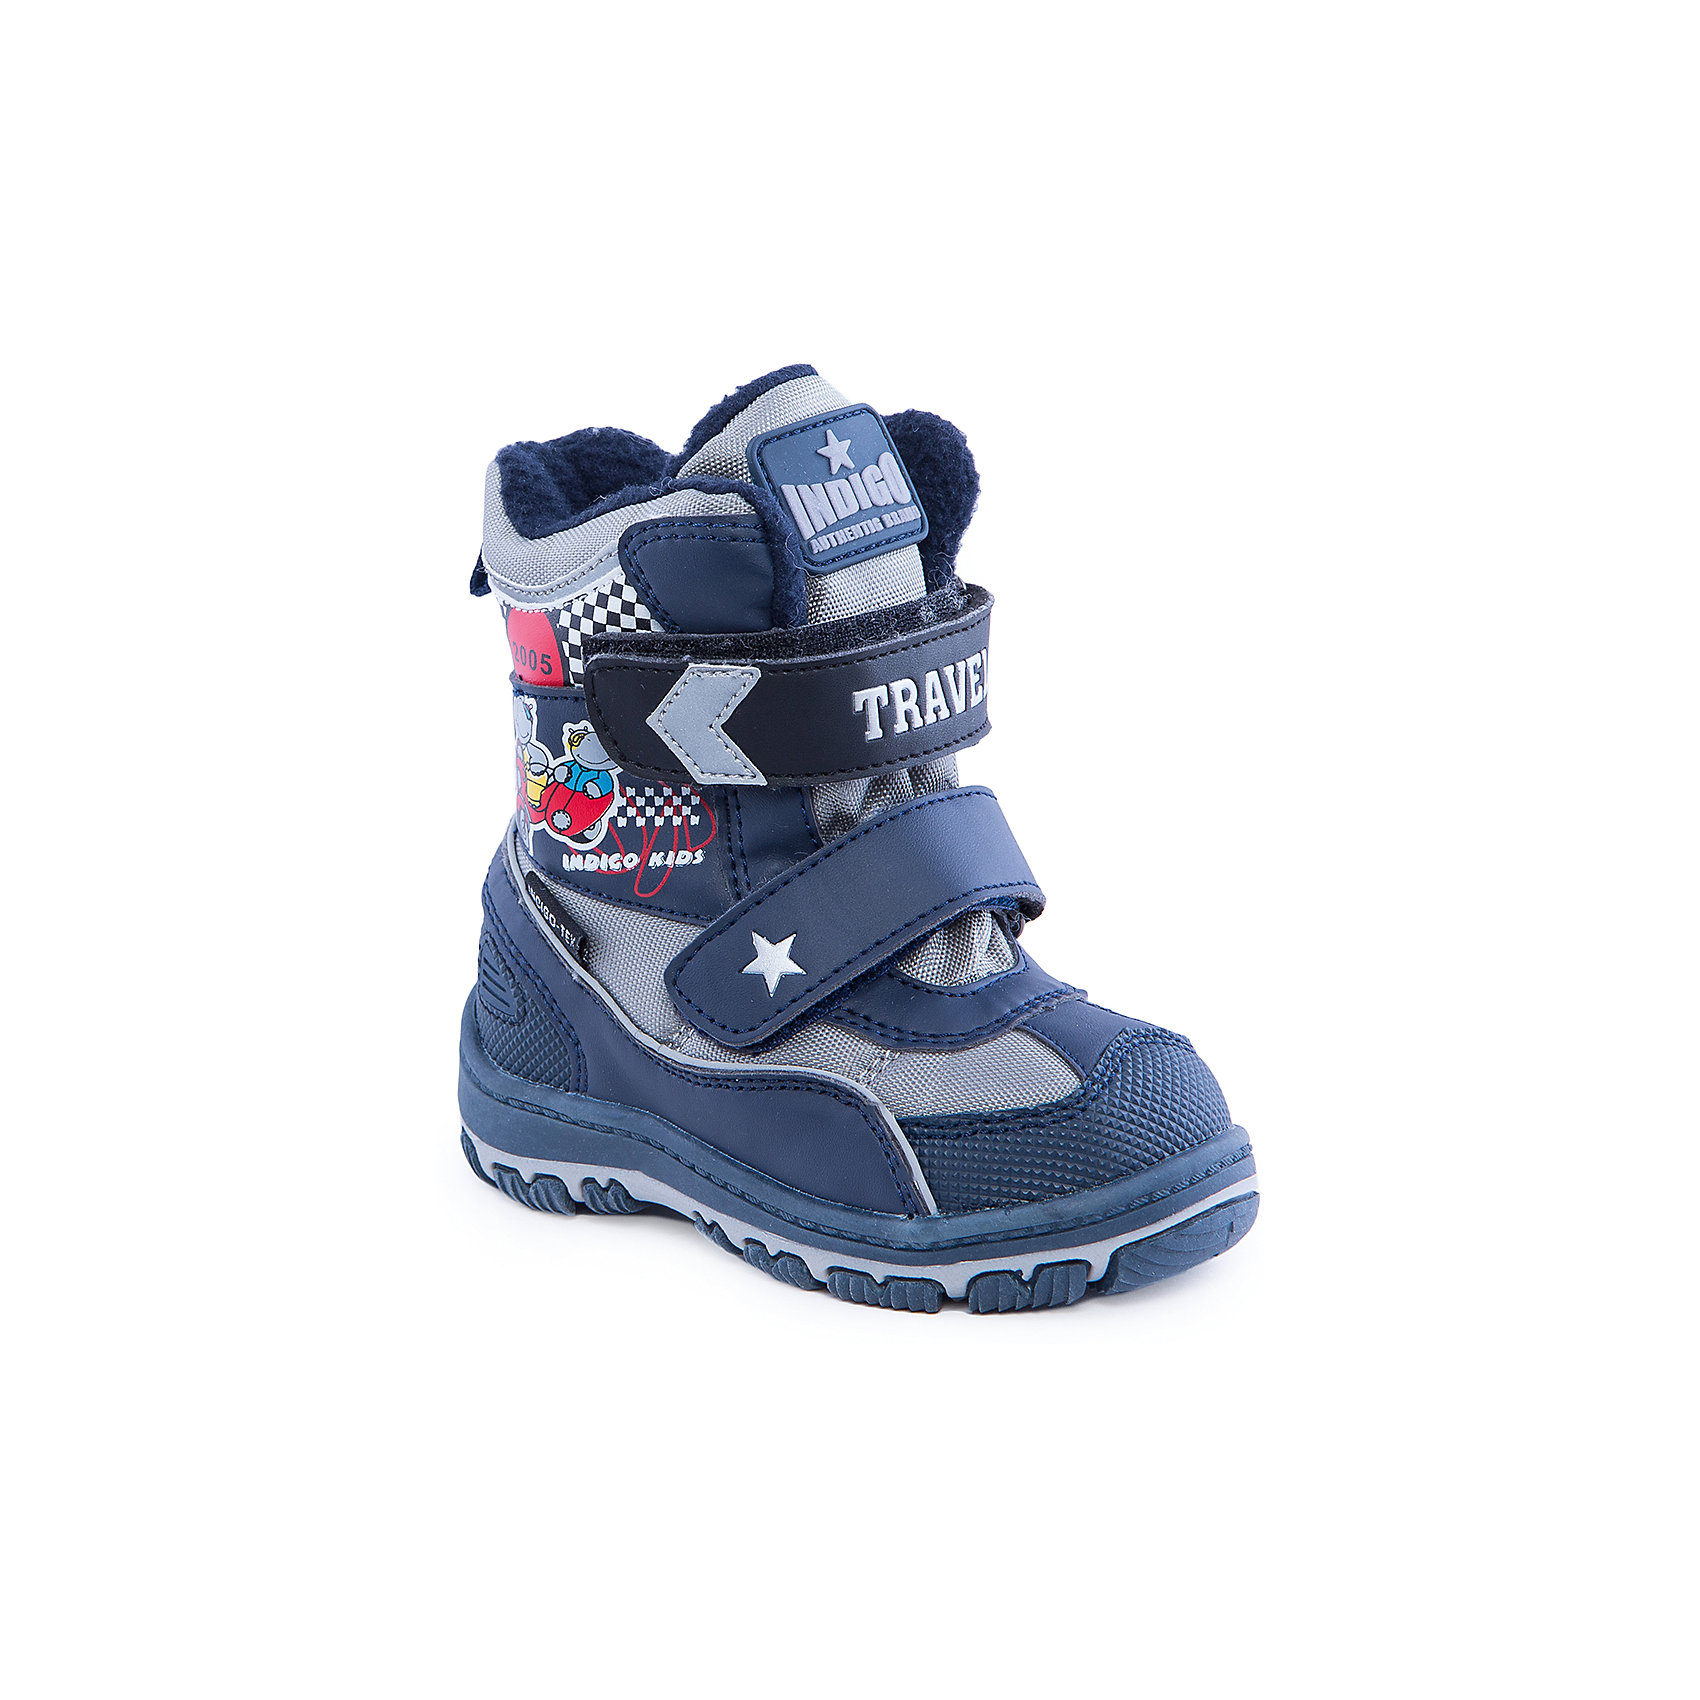 Сапоги для мальчика Indigo kidsСапоги для мальчика от известного  бренда Indigo kids<br><br>Модные и удобные сапоги помогут защитить детские ножки от сырости и холода.  Они легко надеваются, комфортно садятся по ноге. <br>Сапоги сделаны с применением технологии INDIGO TEX – это мембранный материал, выводящий влагу из обуви наружу, но не позволяющий сырости проникать внутрь.<br><br>Особенности модели:<br><br>- цвет - синий;<br>- стильный дизайн;<br>- защита пятки и пальцев;<br>- удобная колодка;<br>- подкладка шерстяная;<br>- вставка с тематическим изображением гонки;<br>- мембрана INDIGO TEX;<br>- устойчивая рифленая подошва;<br>- застежки - липучки.<br><br>Дополнительная информация:<br><br>Температурный режим:<br>от -15° С до +5° С<br><br>Состав:<br><br>верх – текстиль/искусственная кожа;<br>подкладка - шерсть;<br>подошва - полимер.<br><br>Сапоги для мальчика Indigo kids (Индиго Кидс) можно купить в нашем магазине.<br><br>Ширина мм: 257<br>Глубина мм: 180<br>Высота мм: 130<br>Вес г: 420<br>Цвет: синий<br>Возраст от месяцев: 24<br>Возраст до месяцев: 24<br>Пол: Мужской<br>Возраст: Детский<br>Размер: 25,27,22,23,24,26<br>SKU: 4340538